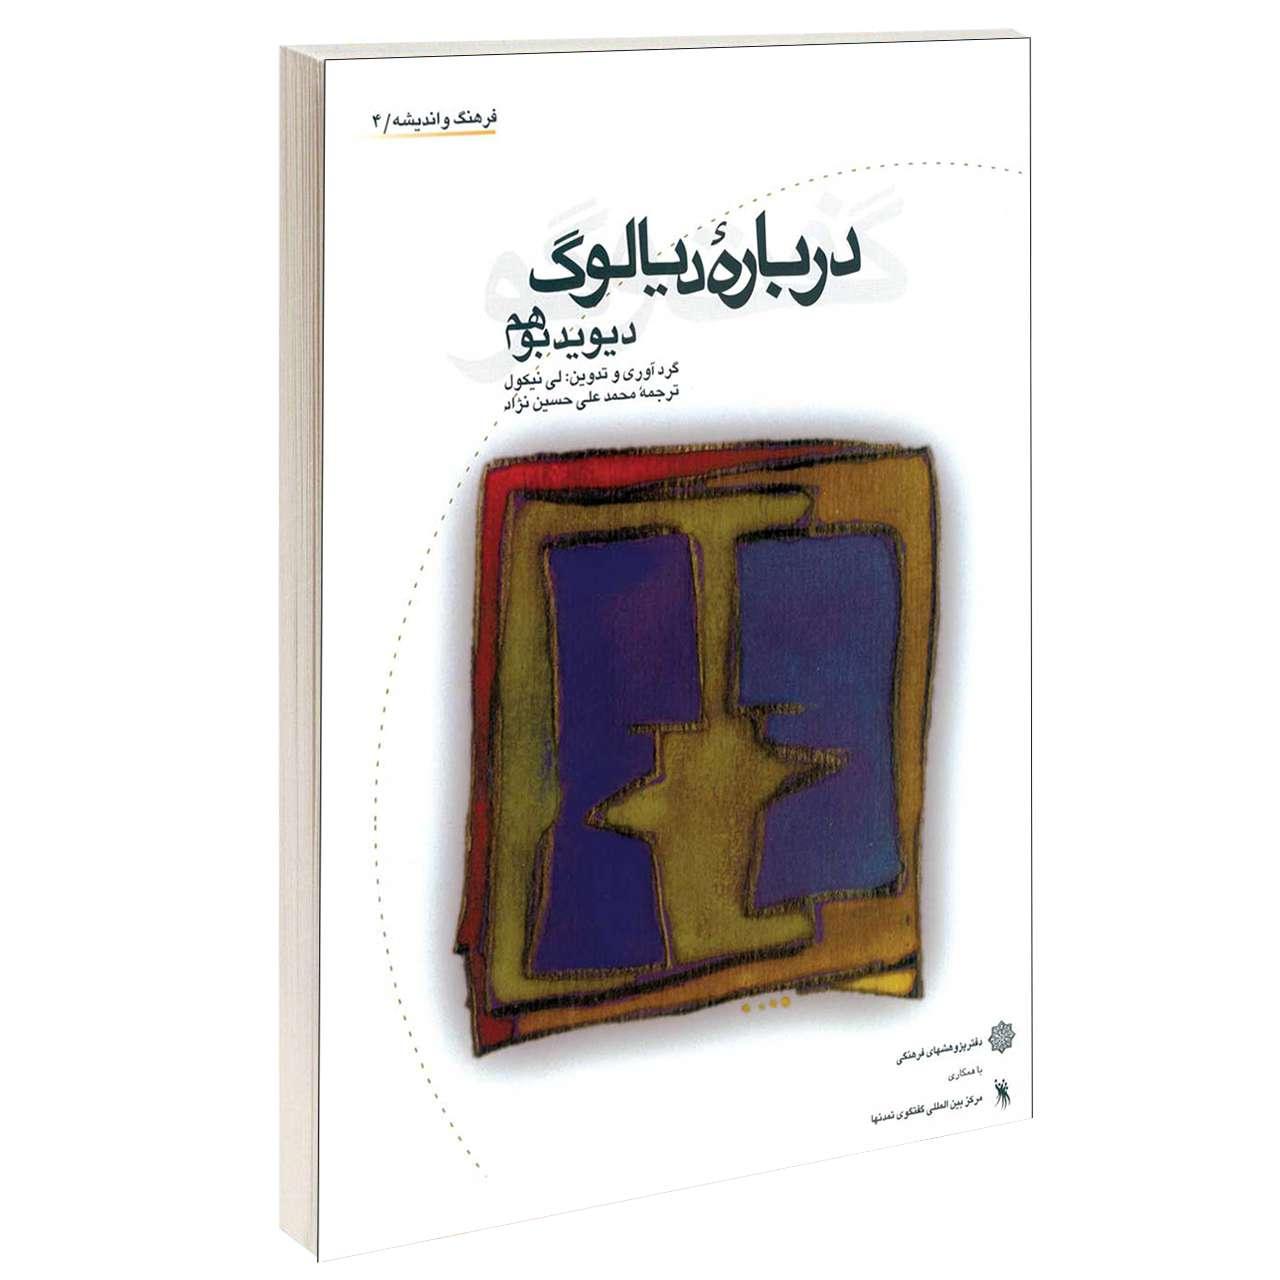 خرید                      کتاب درباره دیالوگ اثر دیوید بوهم انتشارات دفتر پژوهش های فرهنگی